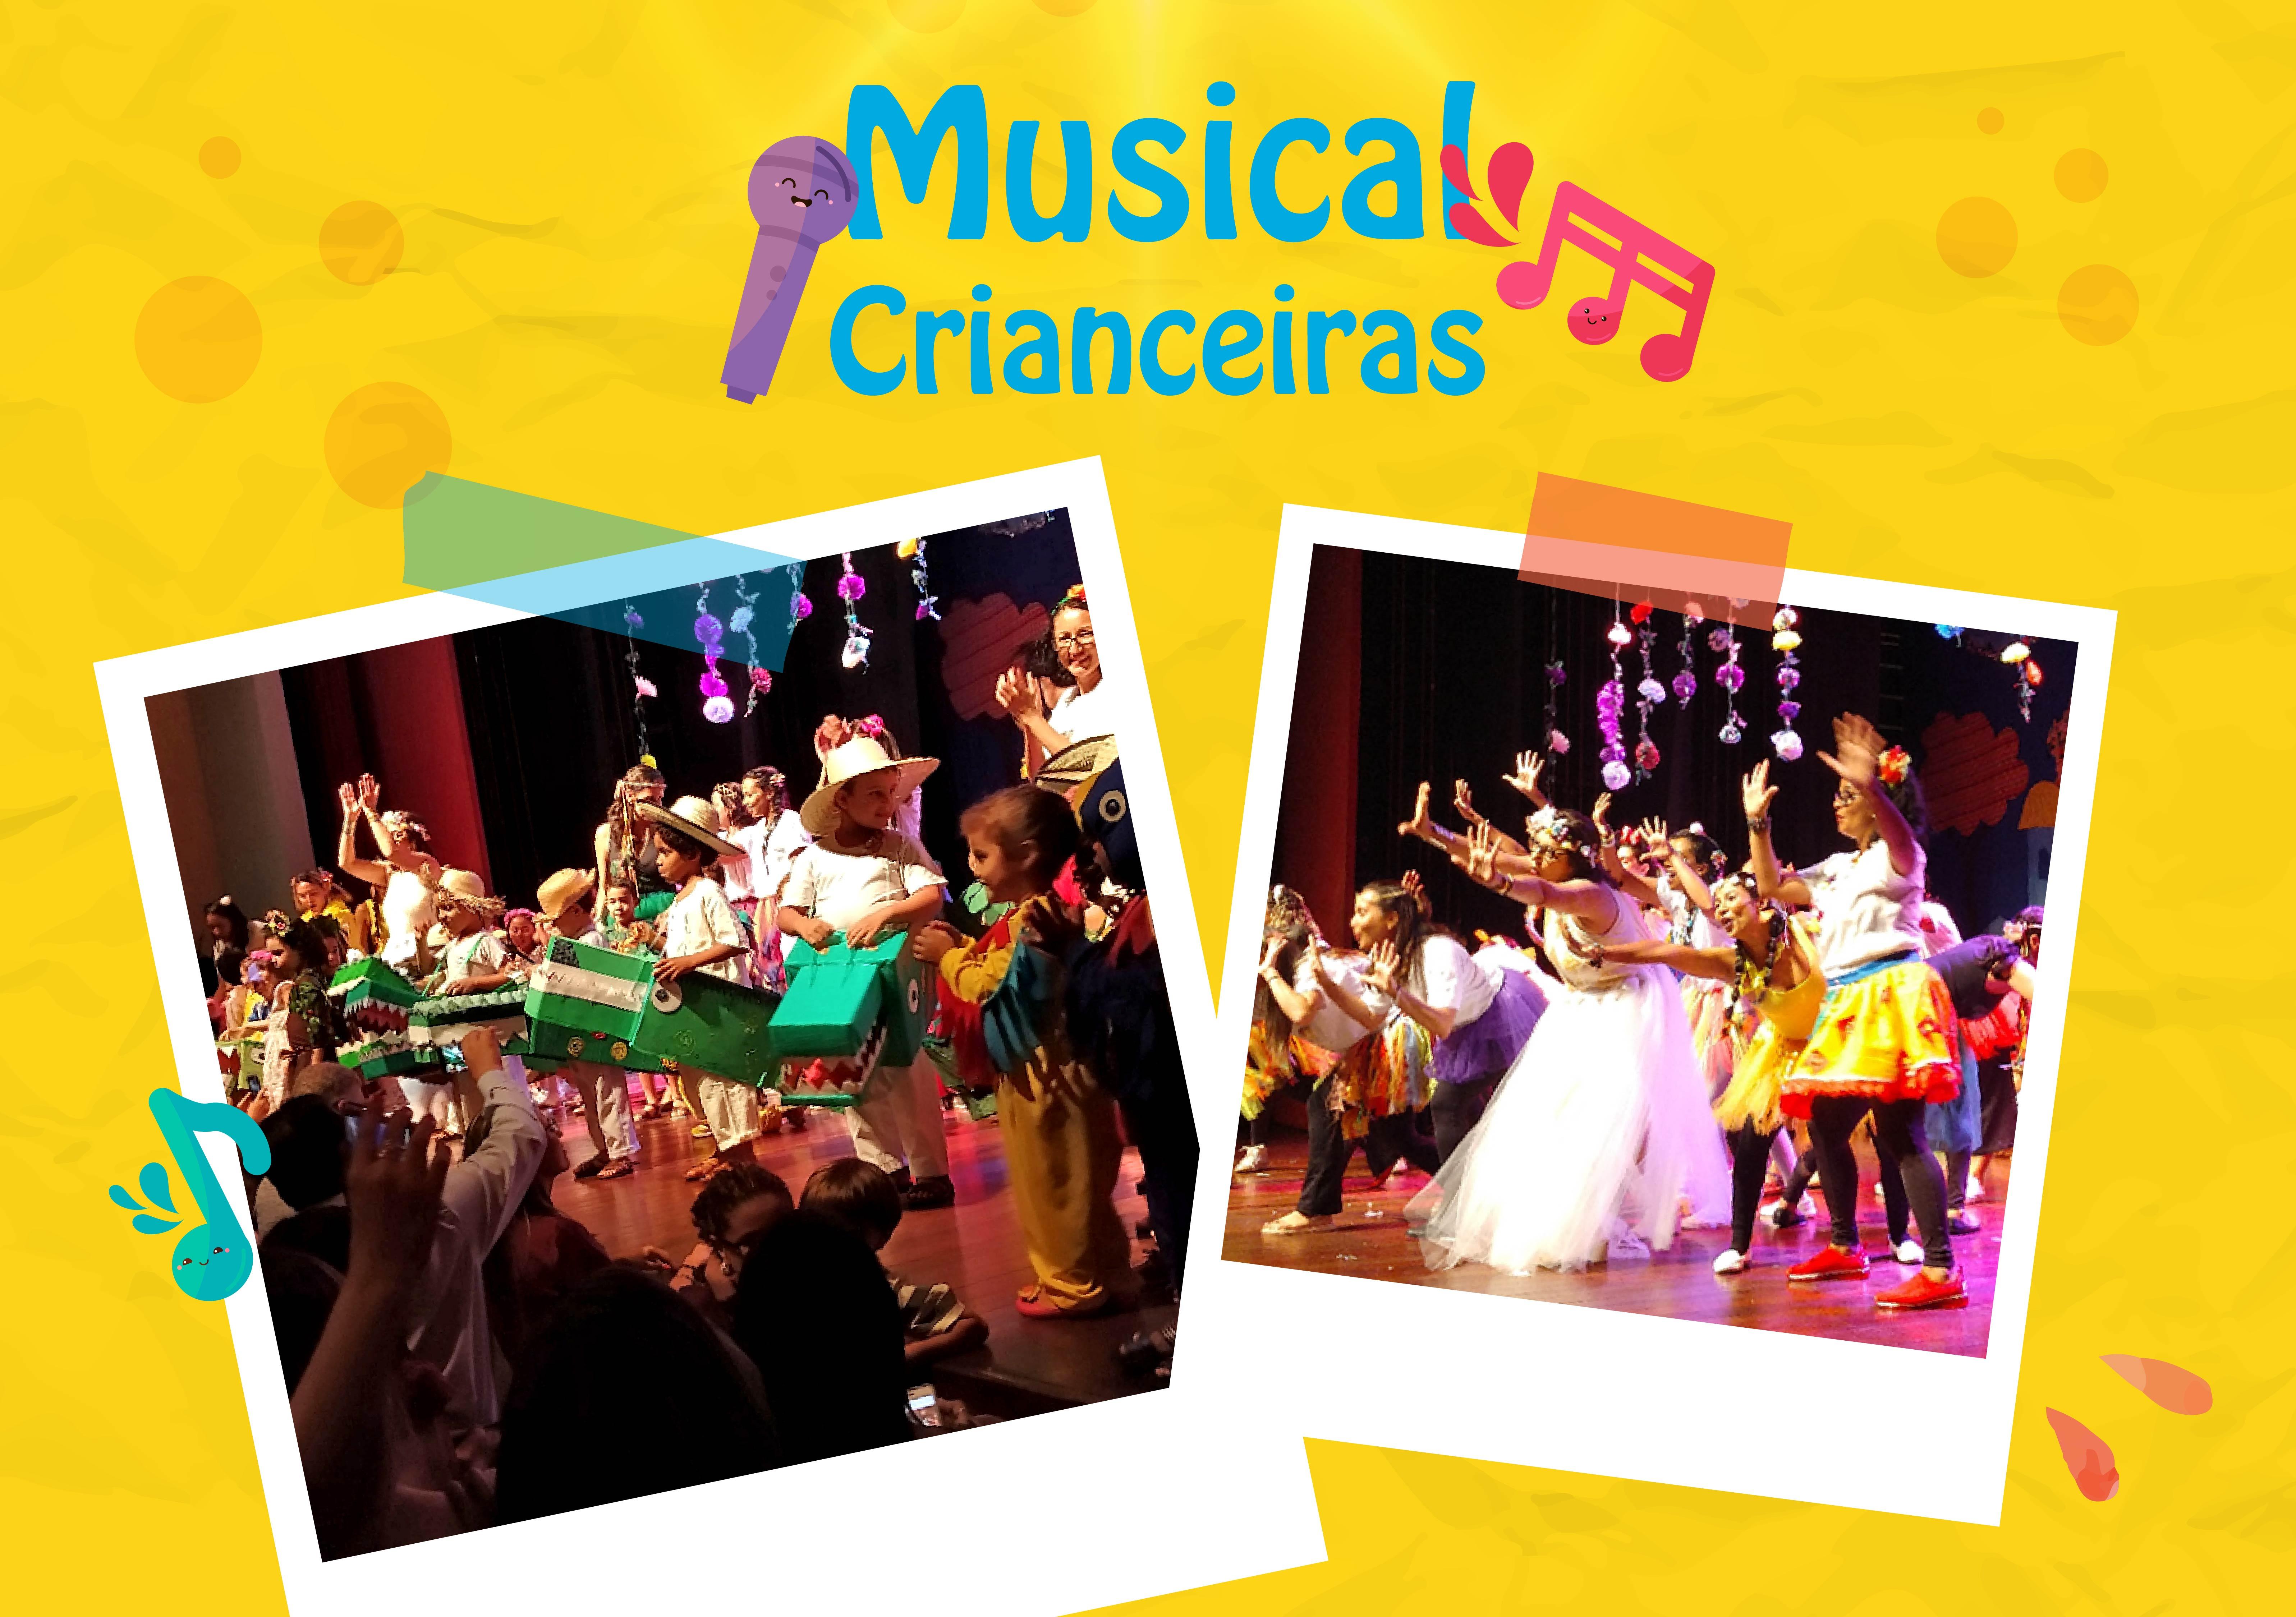 Musical Crianceiras encerra ano letivo da Educação Infantil com muita emoção